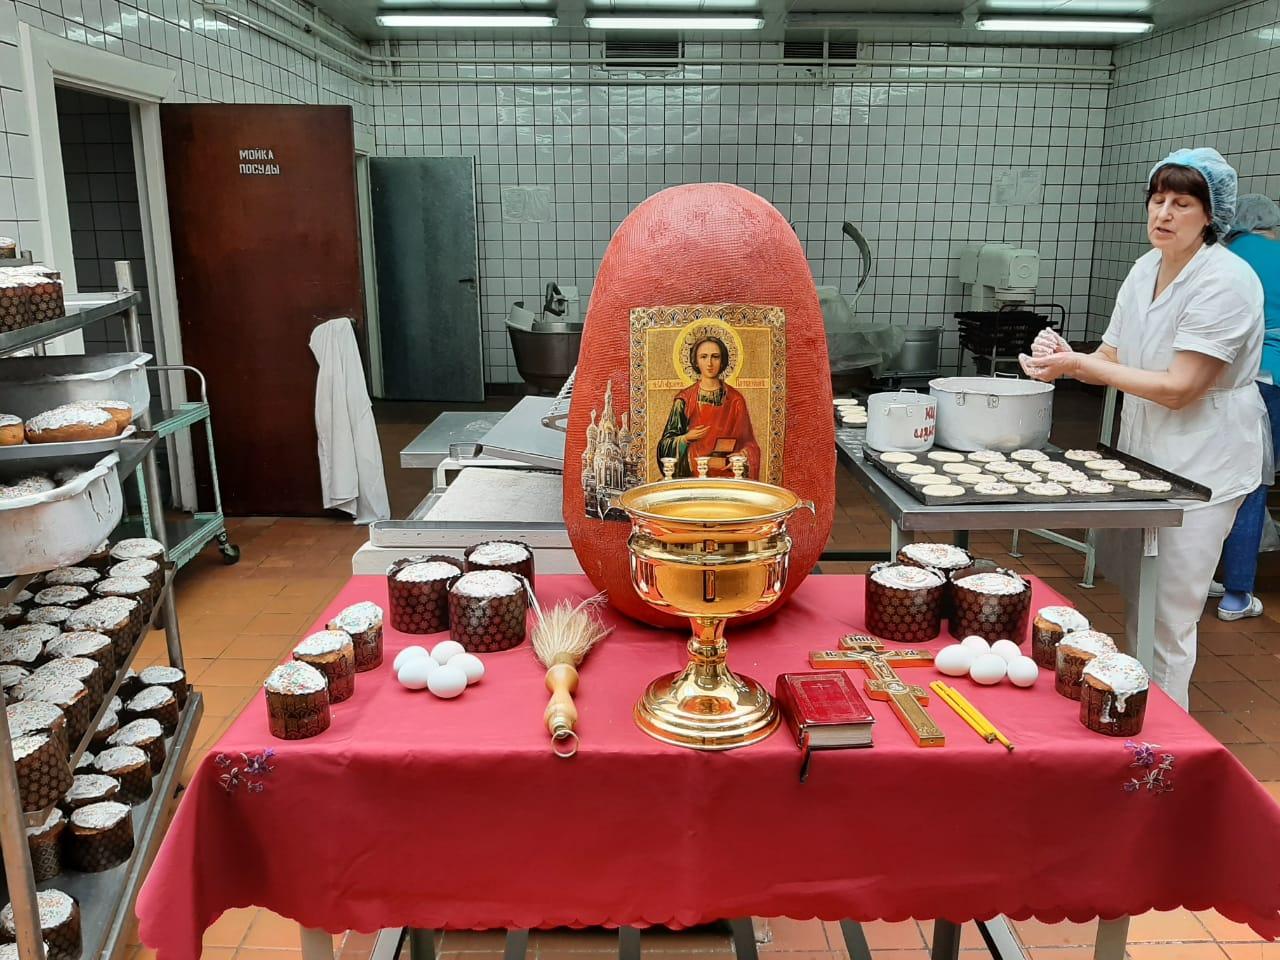 Освящение пасхальной продукции на АВТОВАЗе